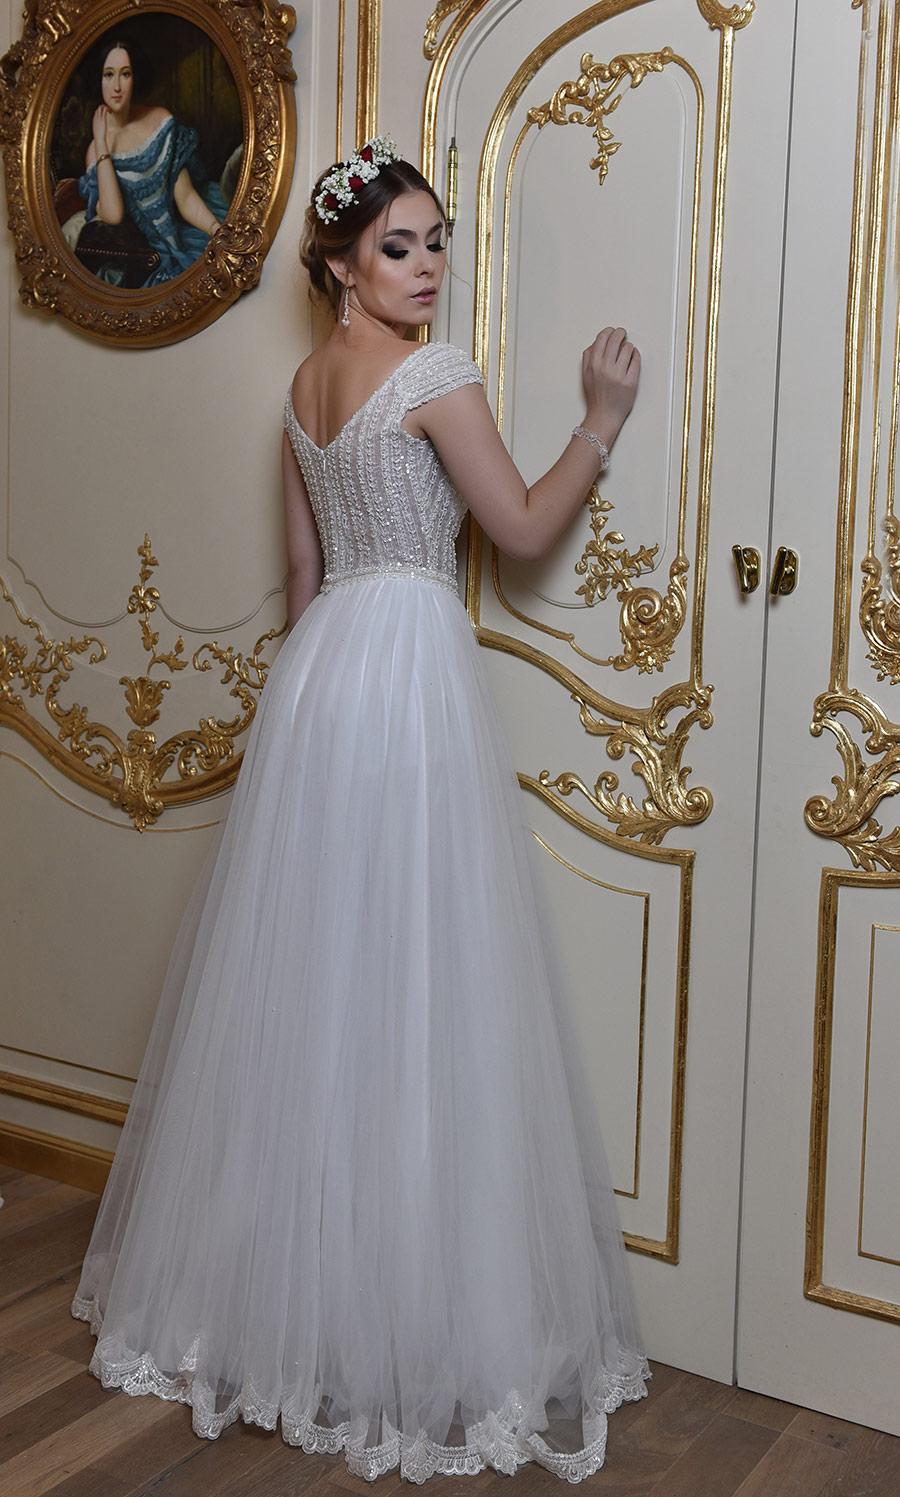 שמלת כלה נסיכתית מחורזת